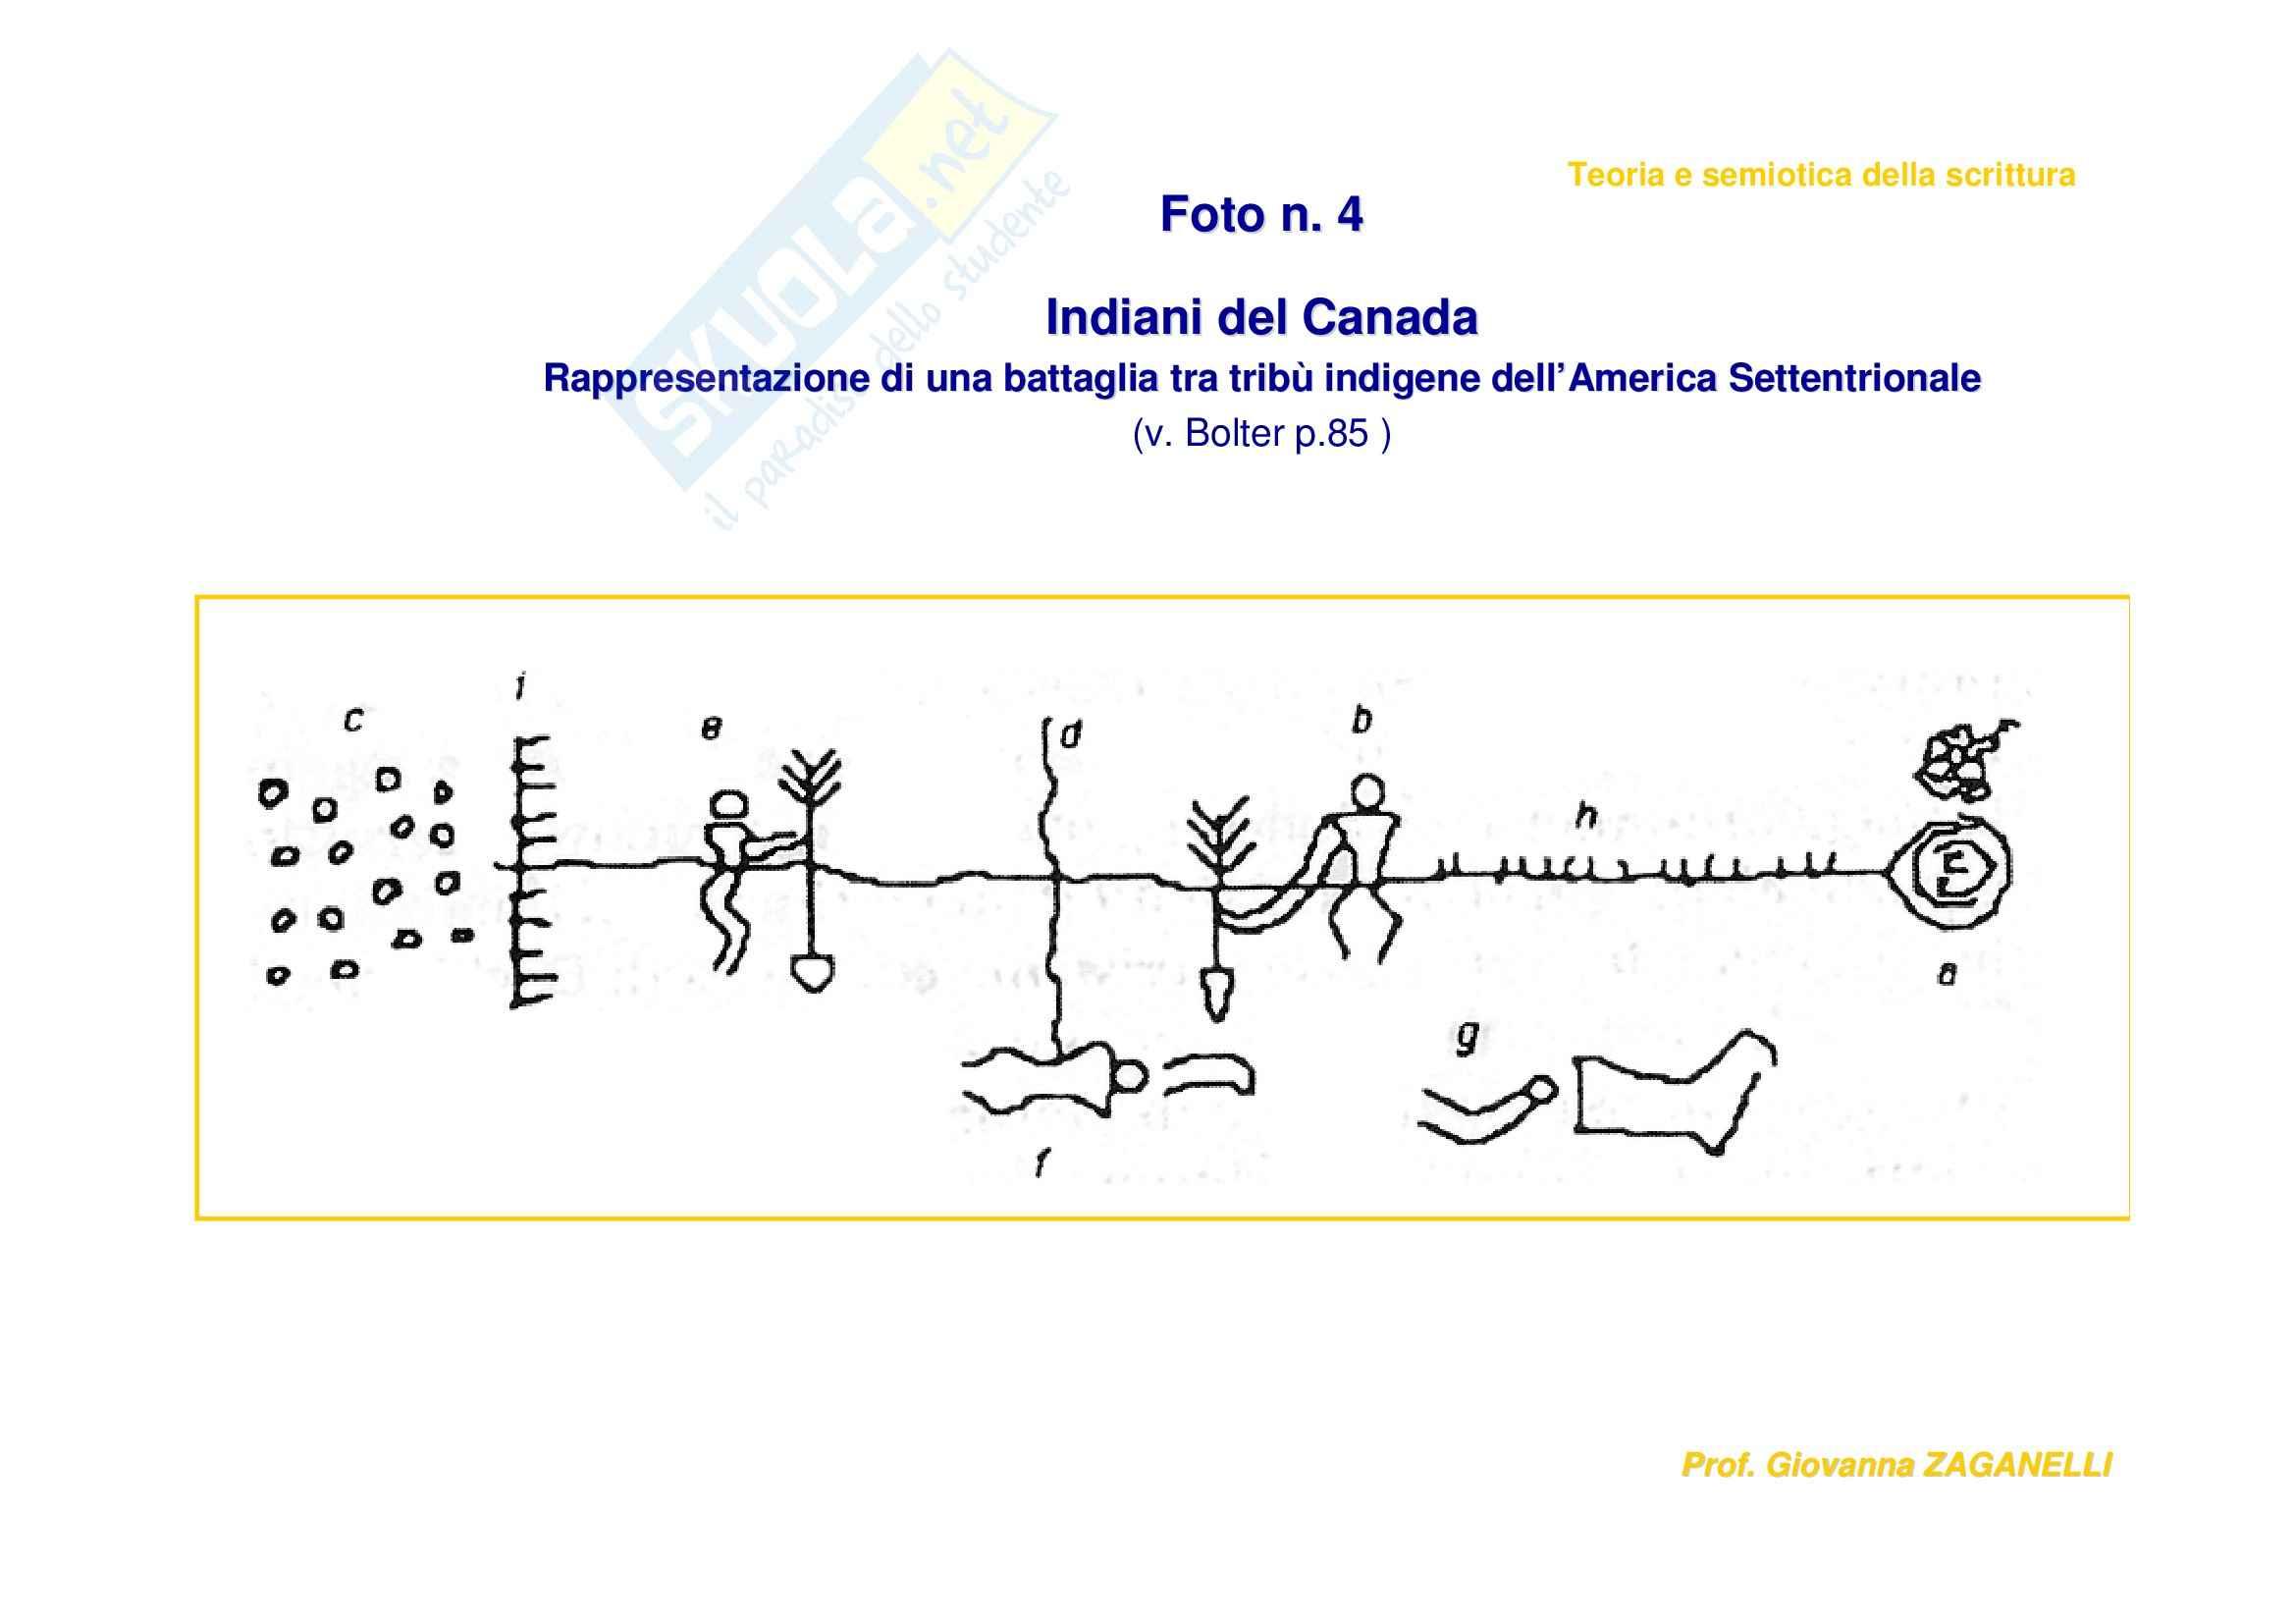 Teoria e semiotica della scrittura - Lezione sui pittogrammi Pag. 2